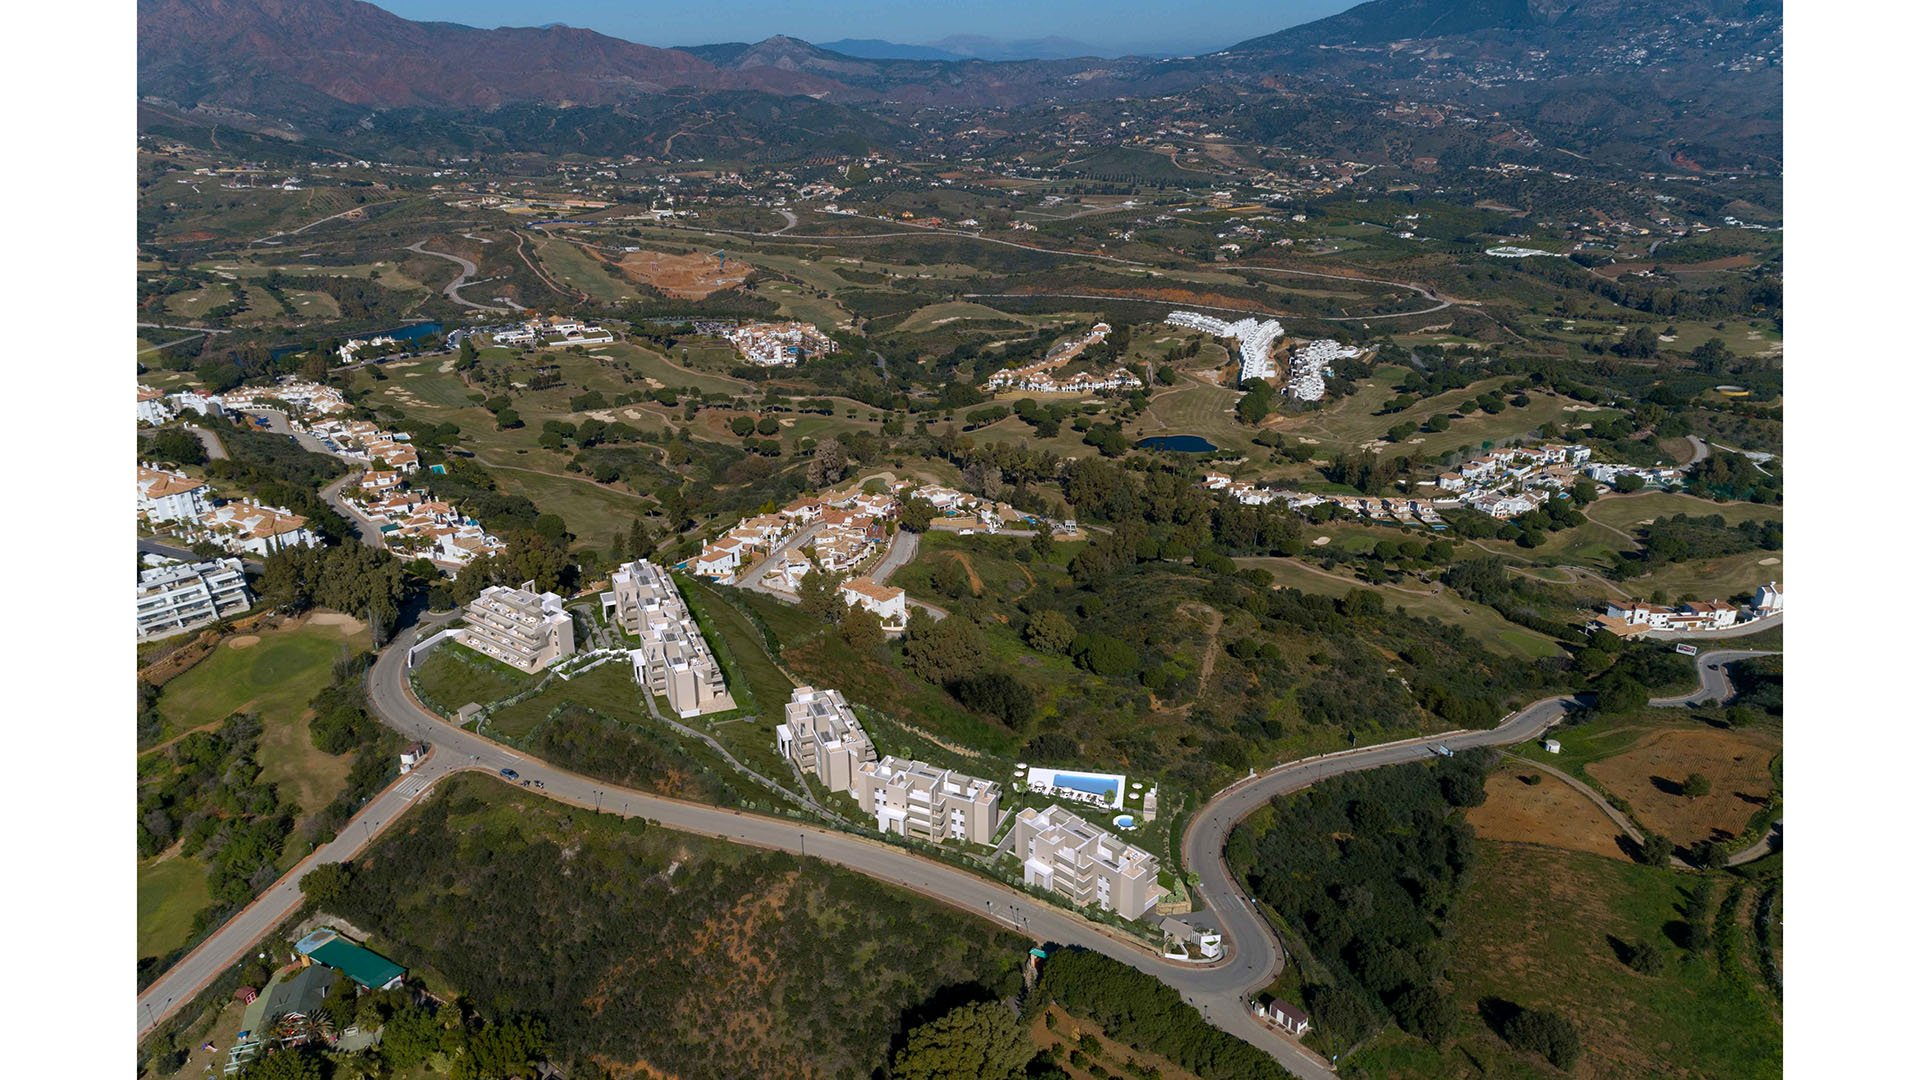 Harmony: Appartementen aan de golf in een serene natuurlijke omgeving